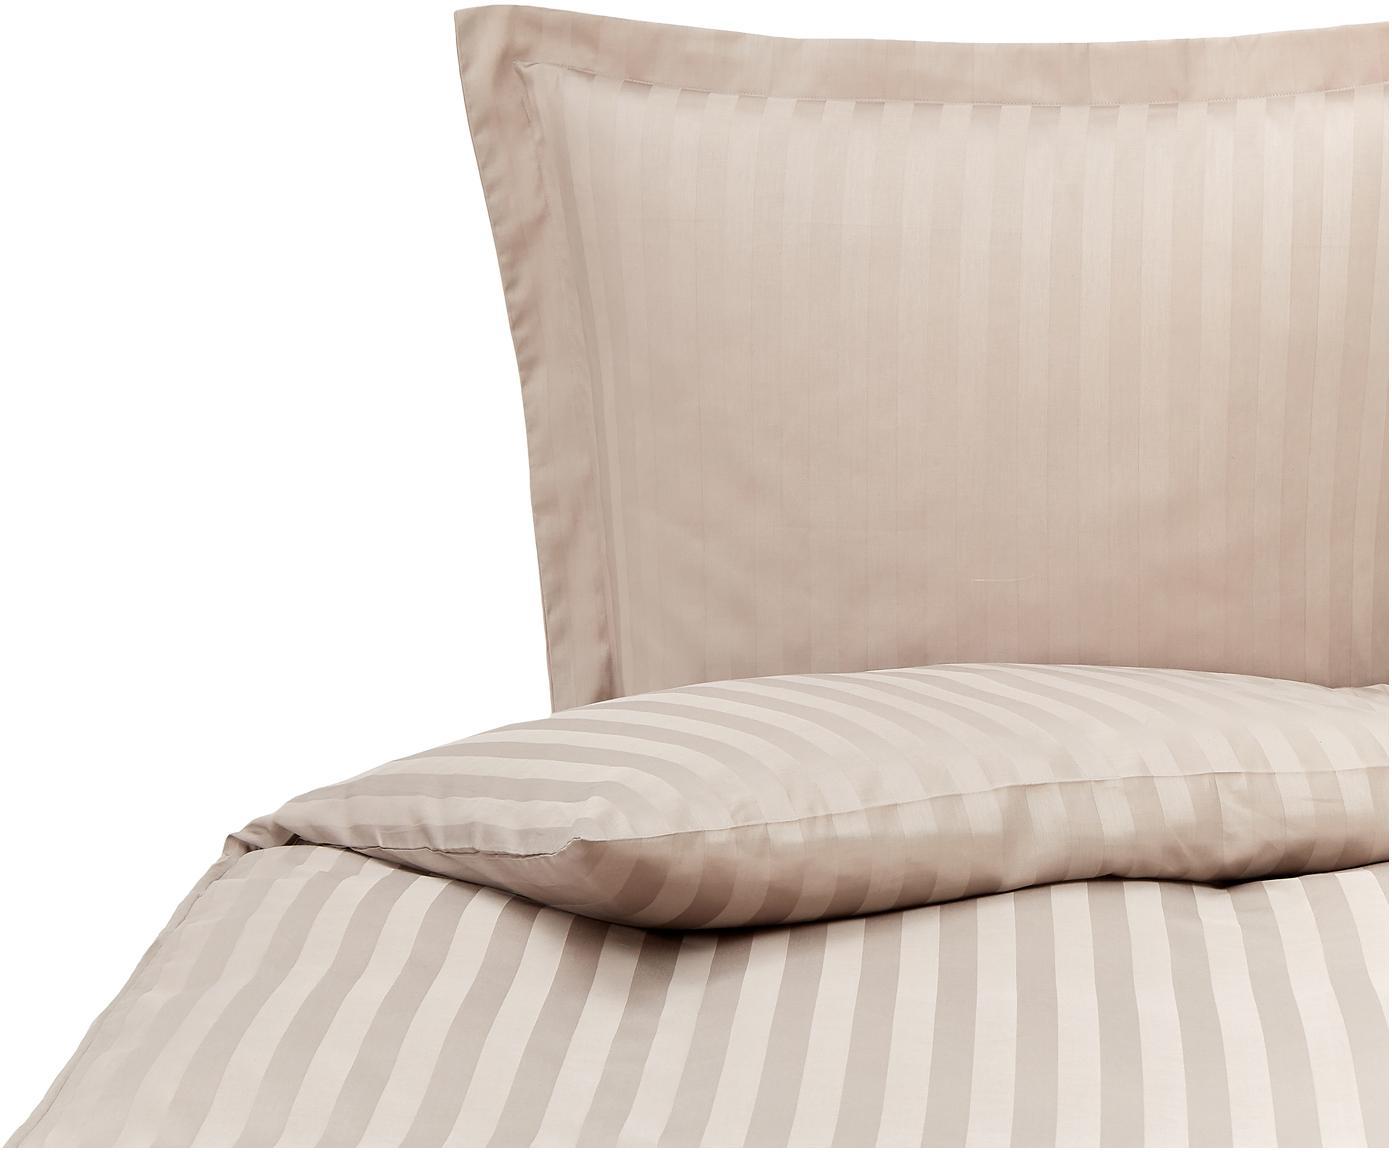 Satinstreifen-Bettwäsche Linea in Beige, Webart: Satin Baumwollsatin wird , Beige, 135 x 200 cm + 1 Kissen 80 x 80 cm